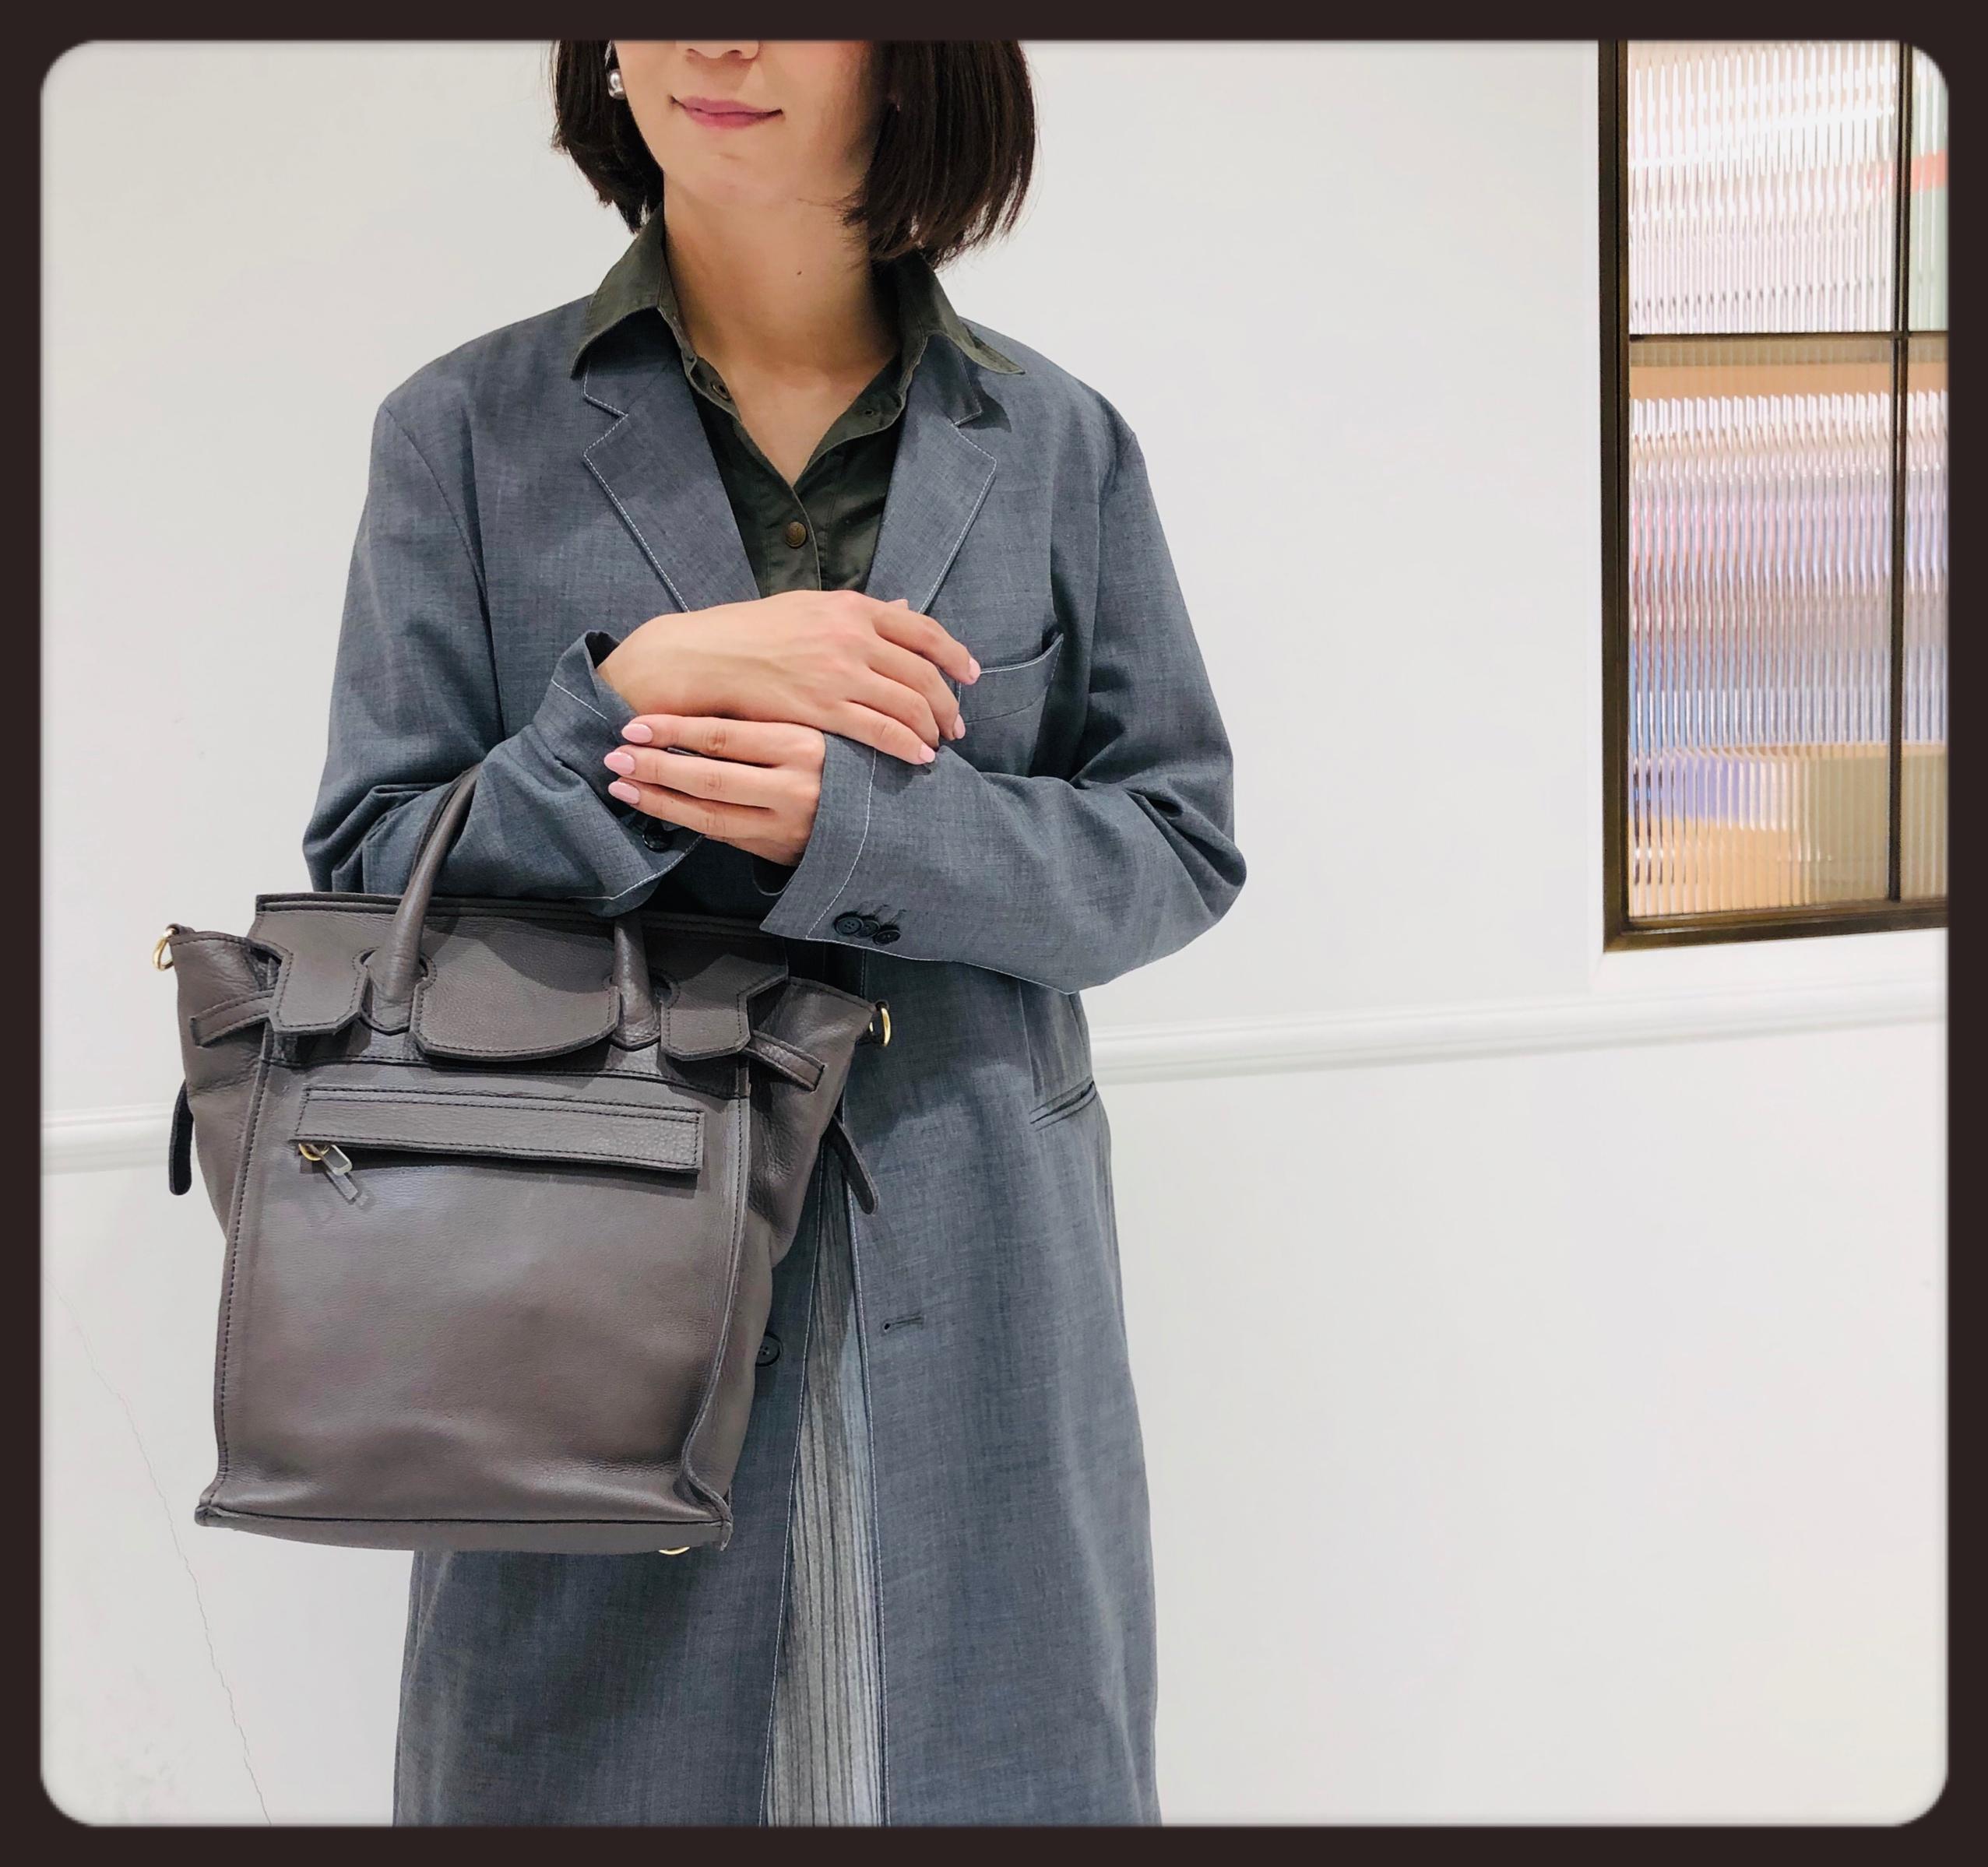 スクラップブック scrapbook 池袋東武可愛い カワイイ 可愛い カバン 鞄 バック バッグ おしゃれ お洒落 使いやすい POMTATA ポンタタ グローブレザー